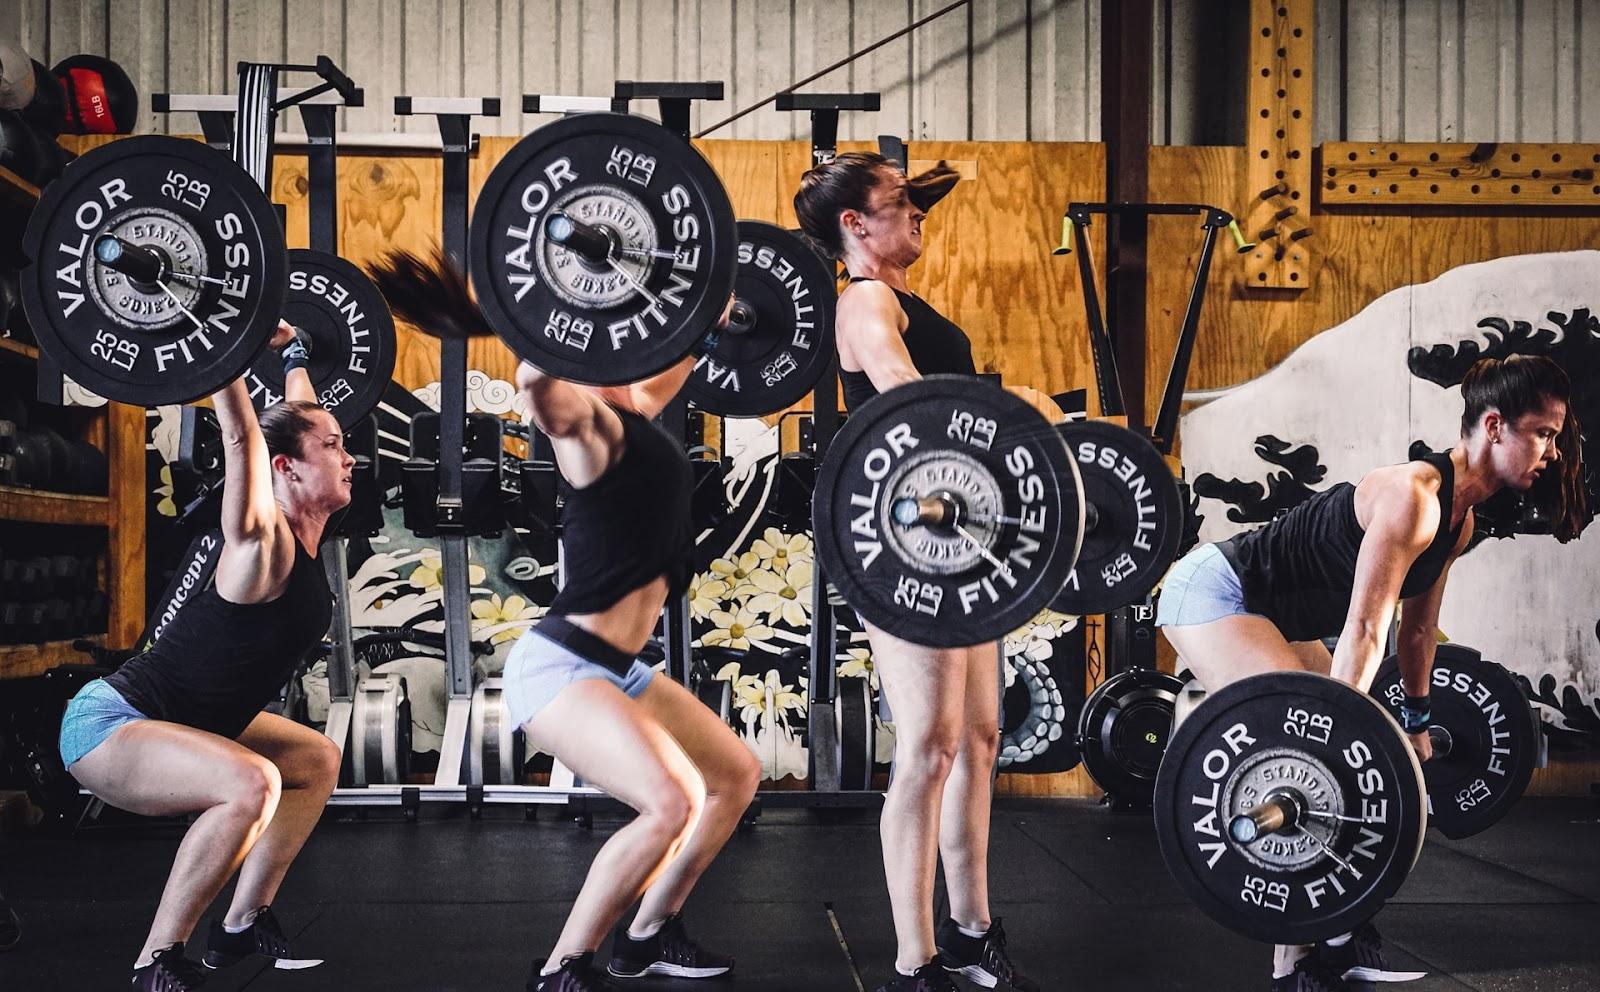 Homens têm mais testosterona, mas mulheres costumam ter mais flexibilidade e amplitude articular (Fonte: Unsplash)